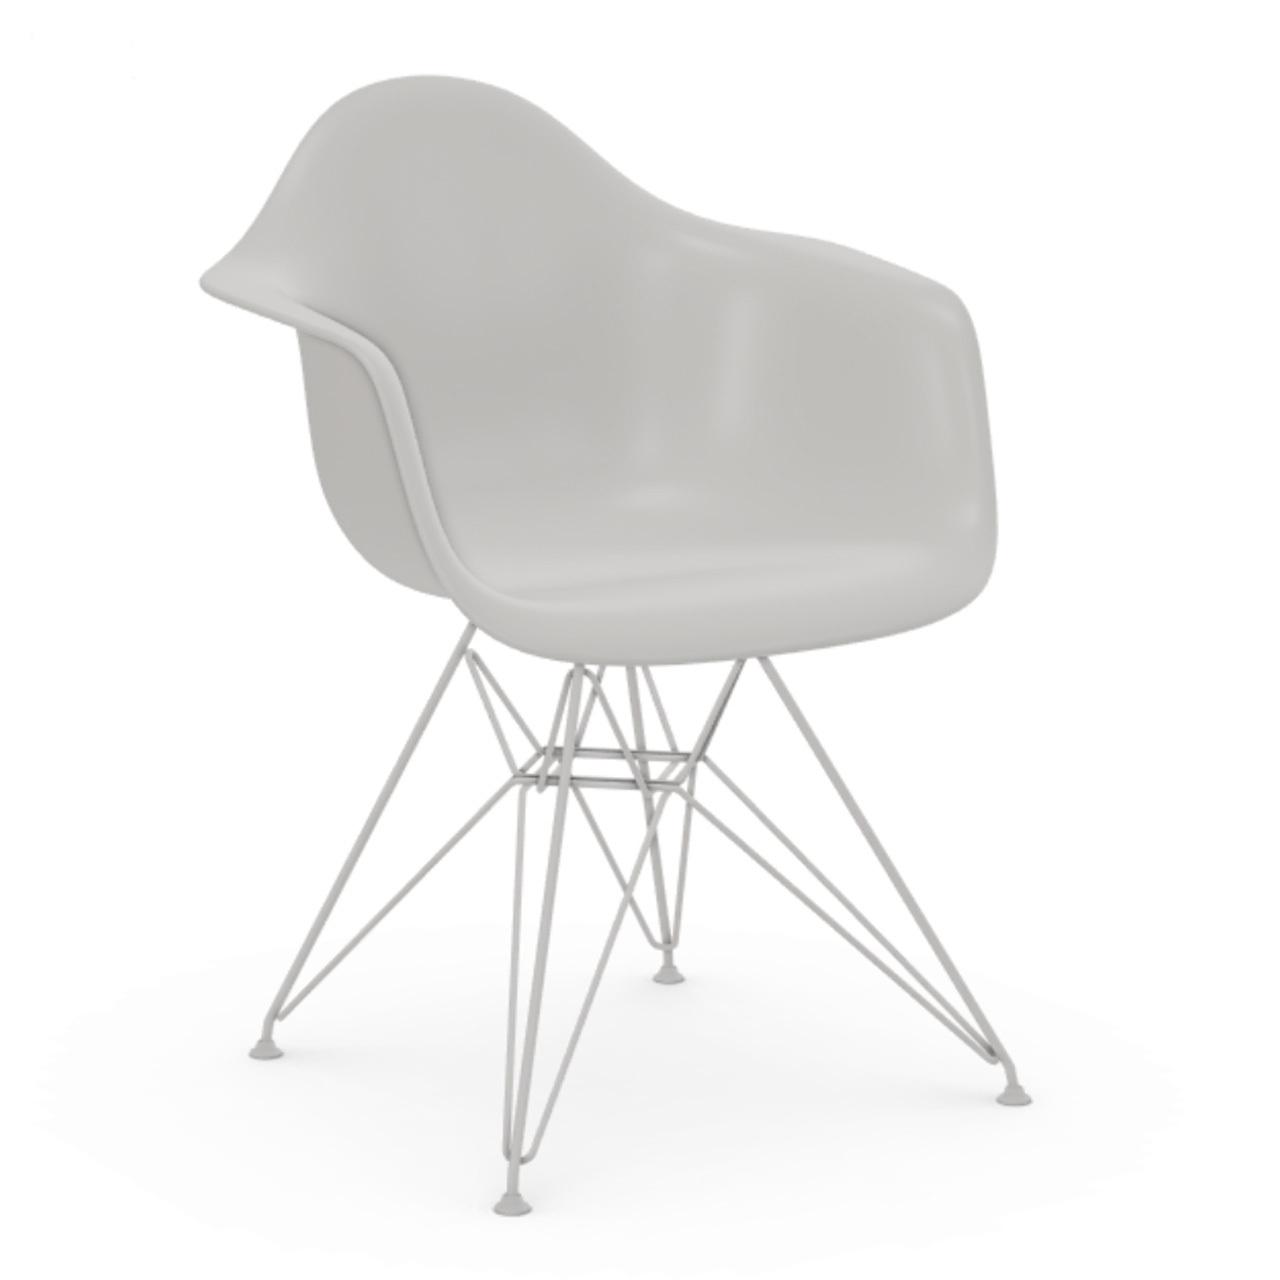 Vitra Eames Plastic Armchair ohne Polster  Drahtuntergestell weiss pulverbeschichtet / 04,  Weiss / 04,  Weisser Gleiter für Teppichböden